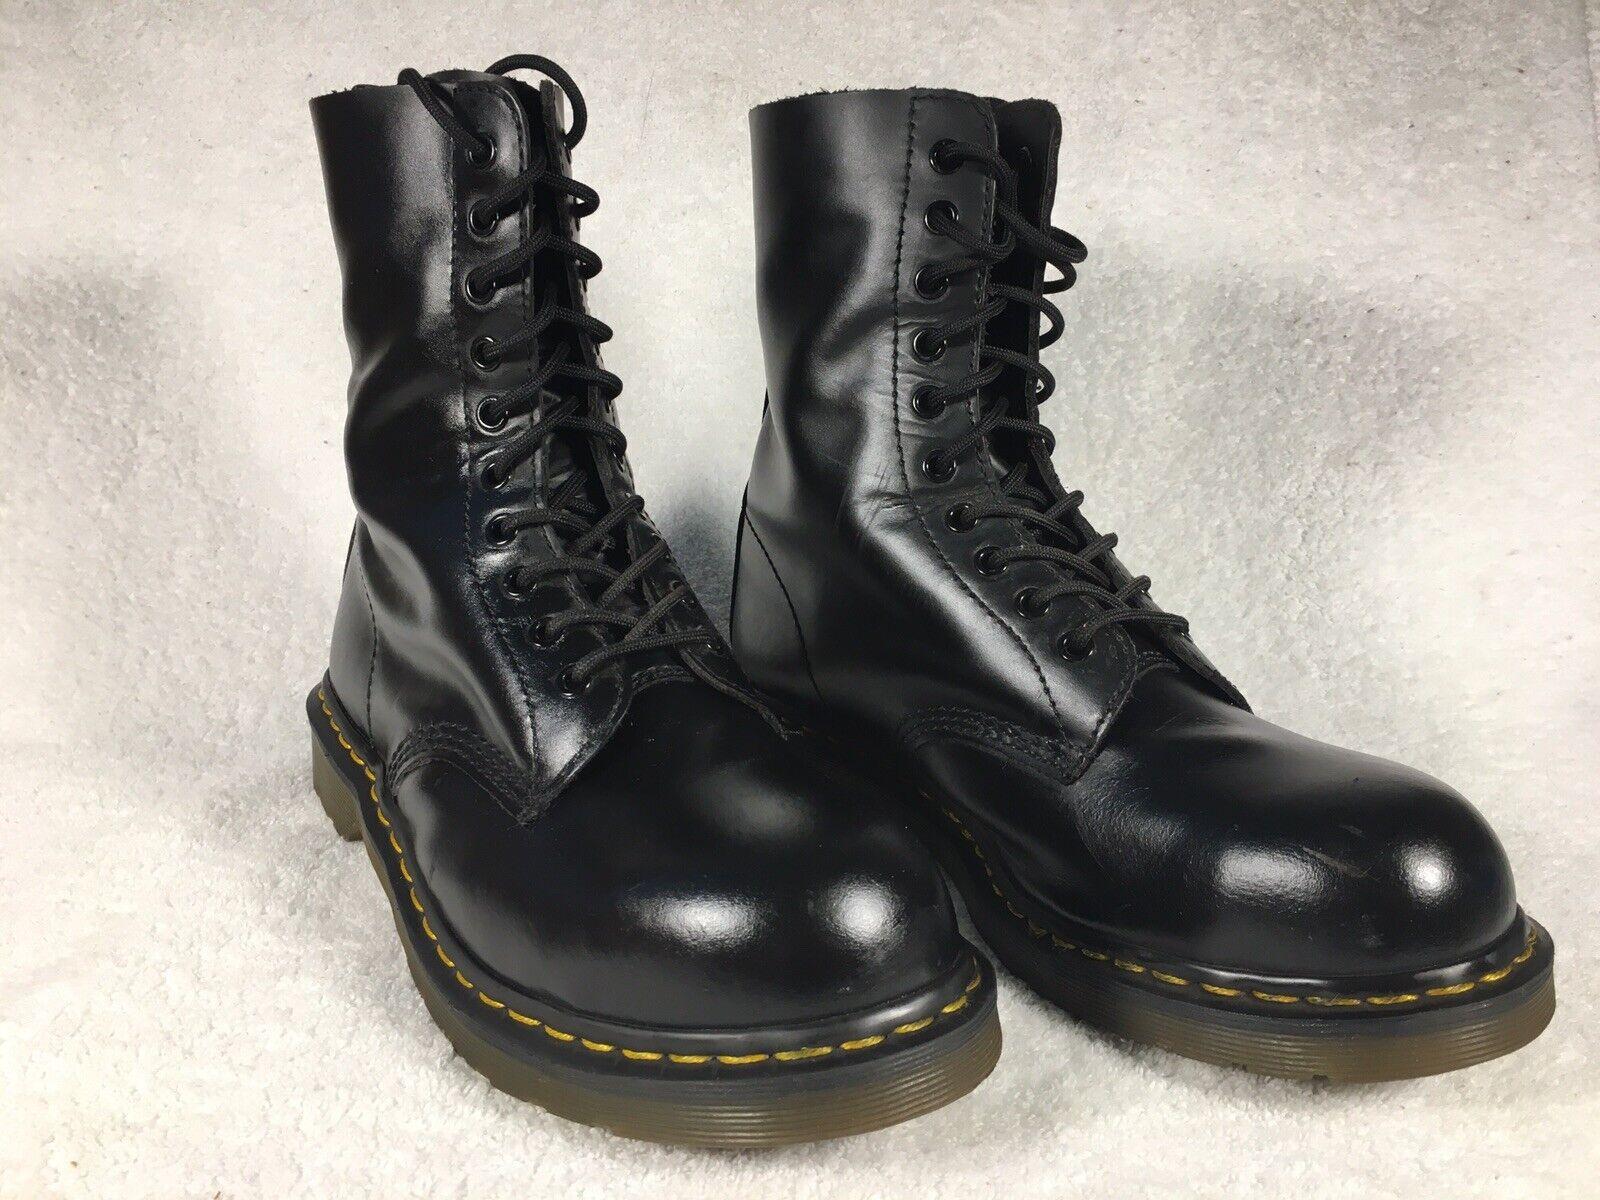 Dr. Martens Rare Vintage Black Leather